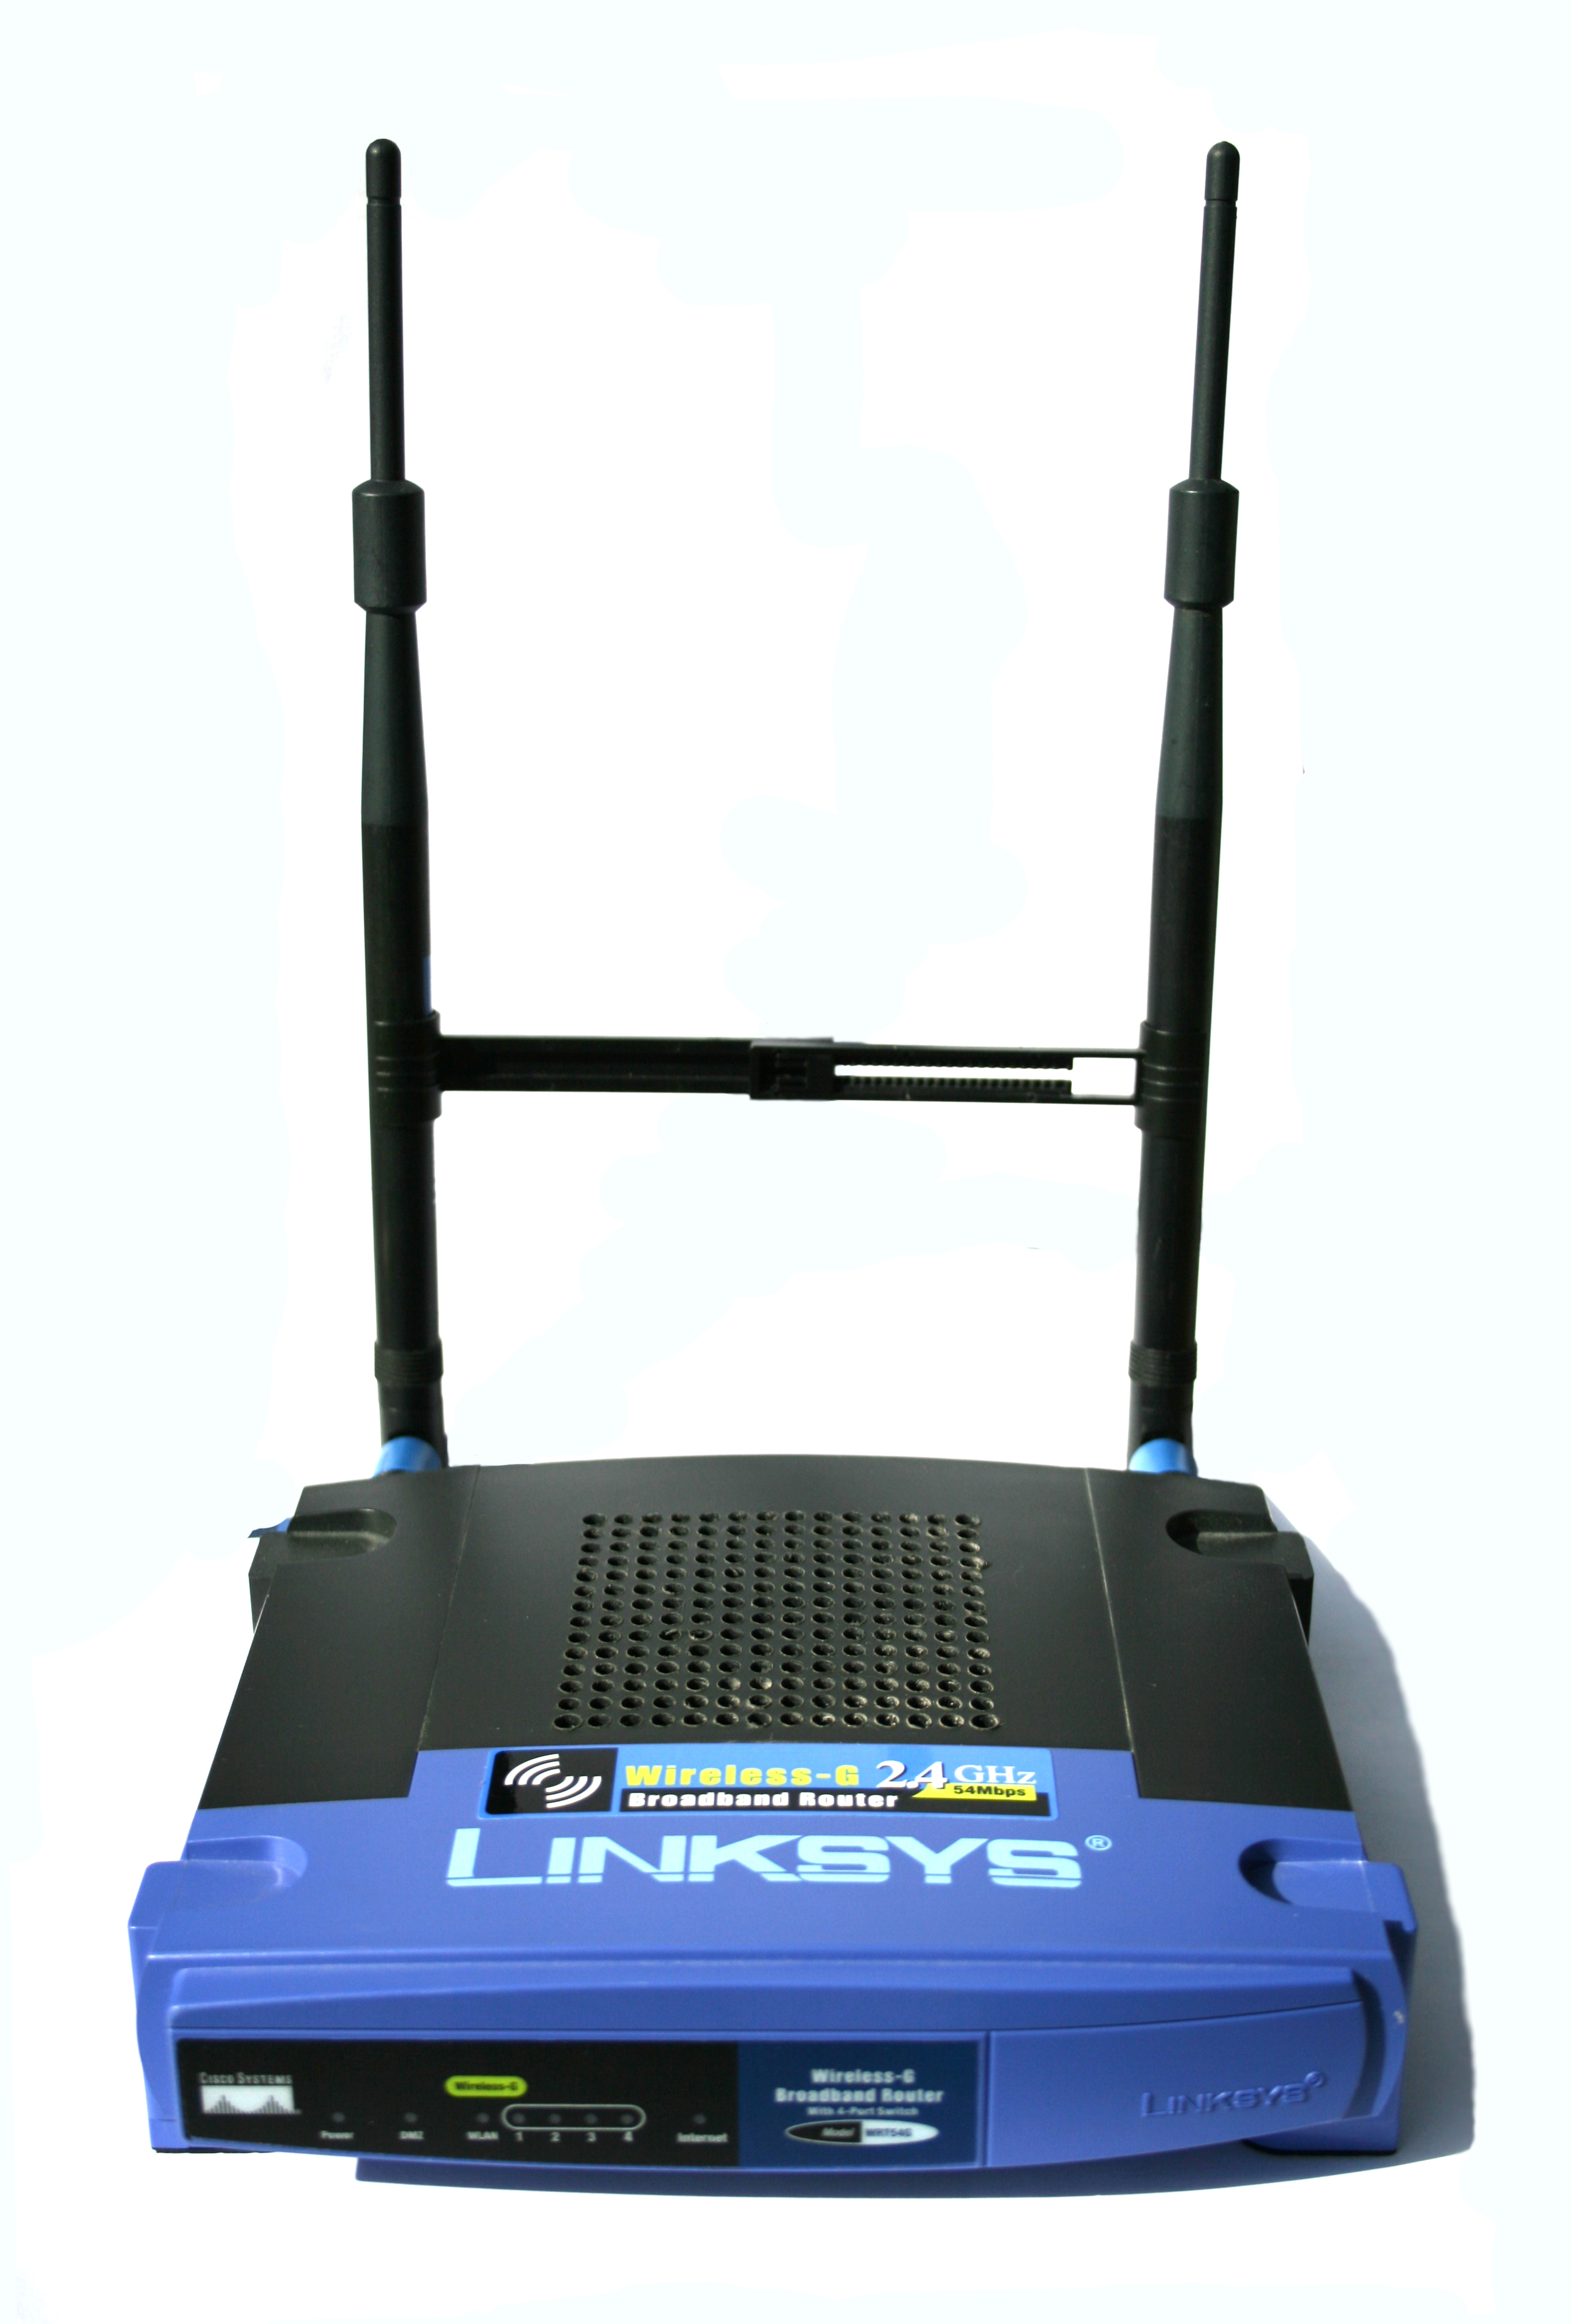 linksys wrt54g wifi: